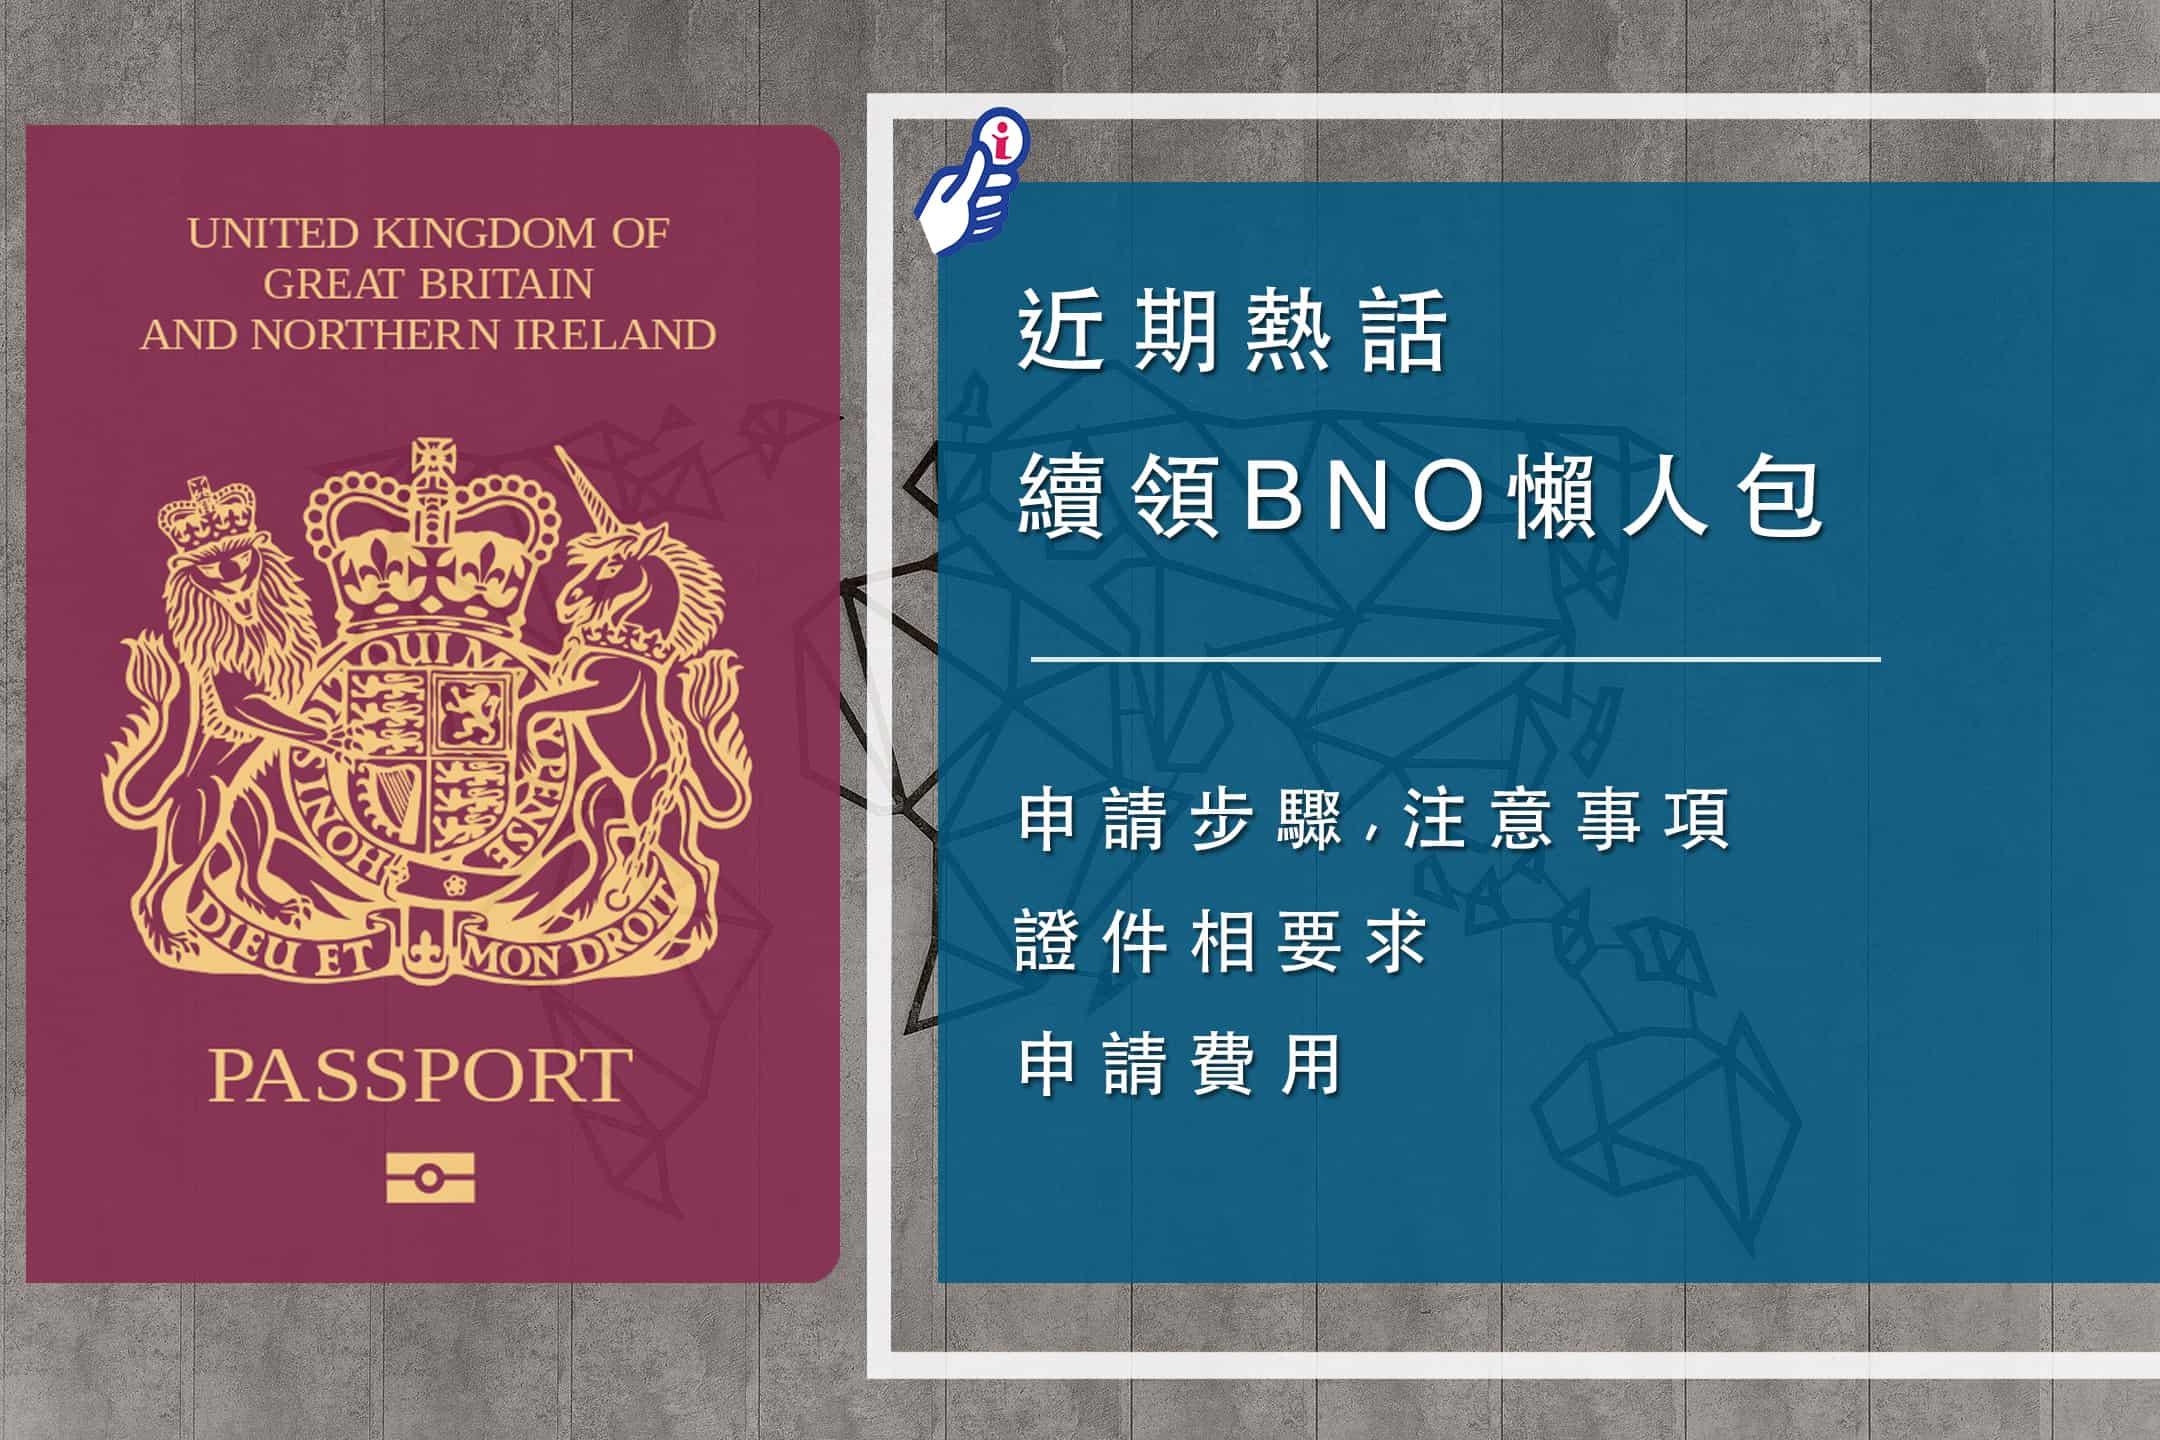 【BNO懶人包】- 幫你輕鬆搞掂續領申請(更新於7月1日) | 港究 Kong's Cult